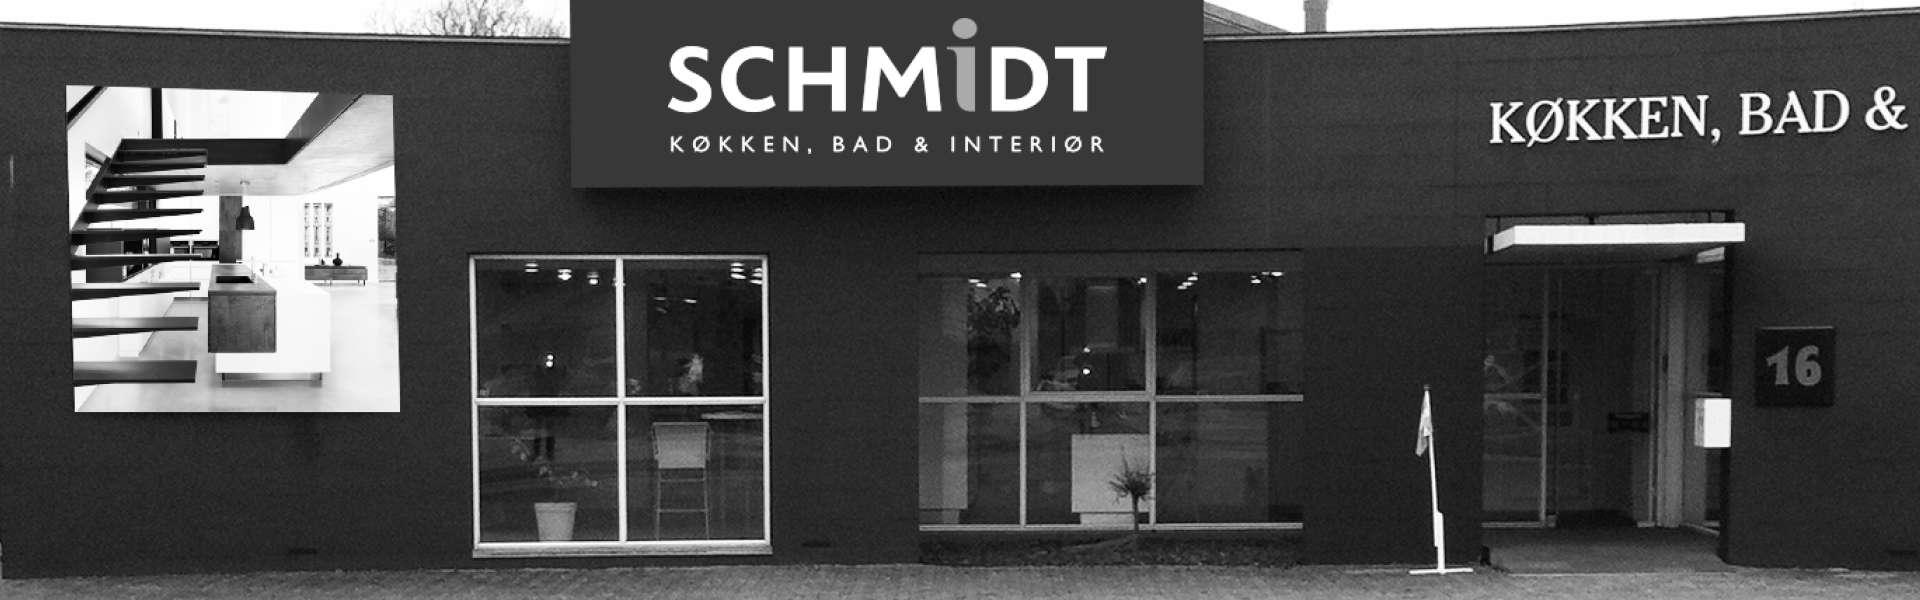 Schmidt Køkken, bad og interiør i Odense.